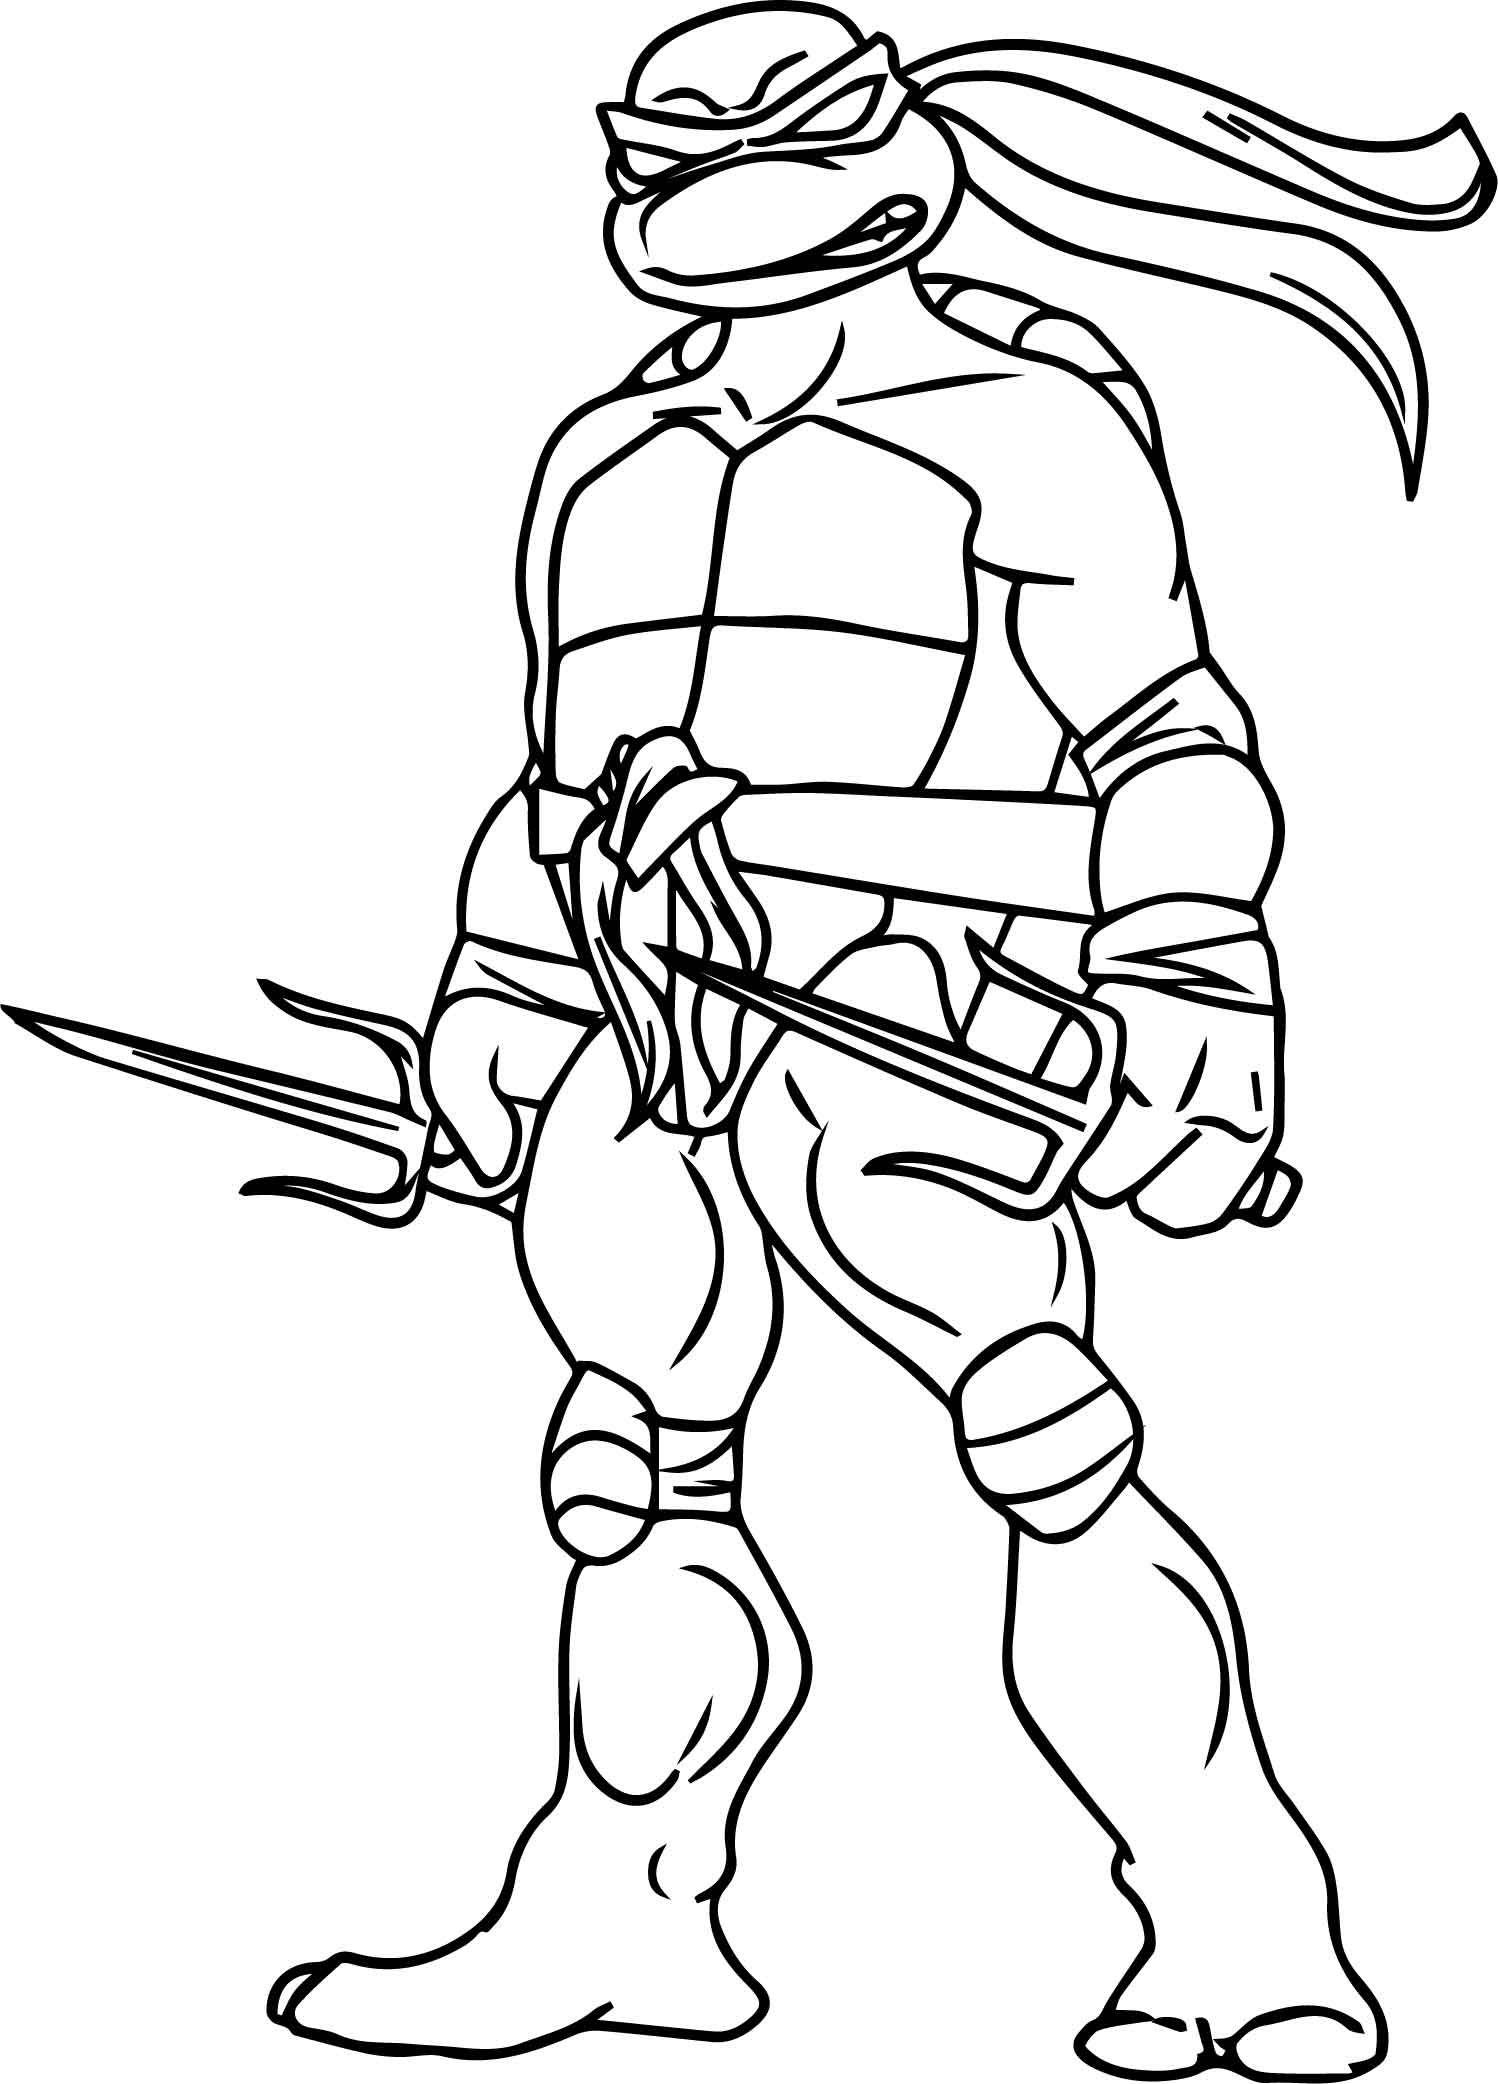 Cool The Teenage Mutant Ninja Turtles Blade Coloring Page Ninja Turtle Coloring Pages Turtle Coloring Pages Superhero Coloring Pages